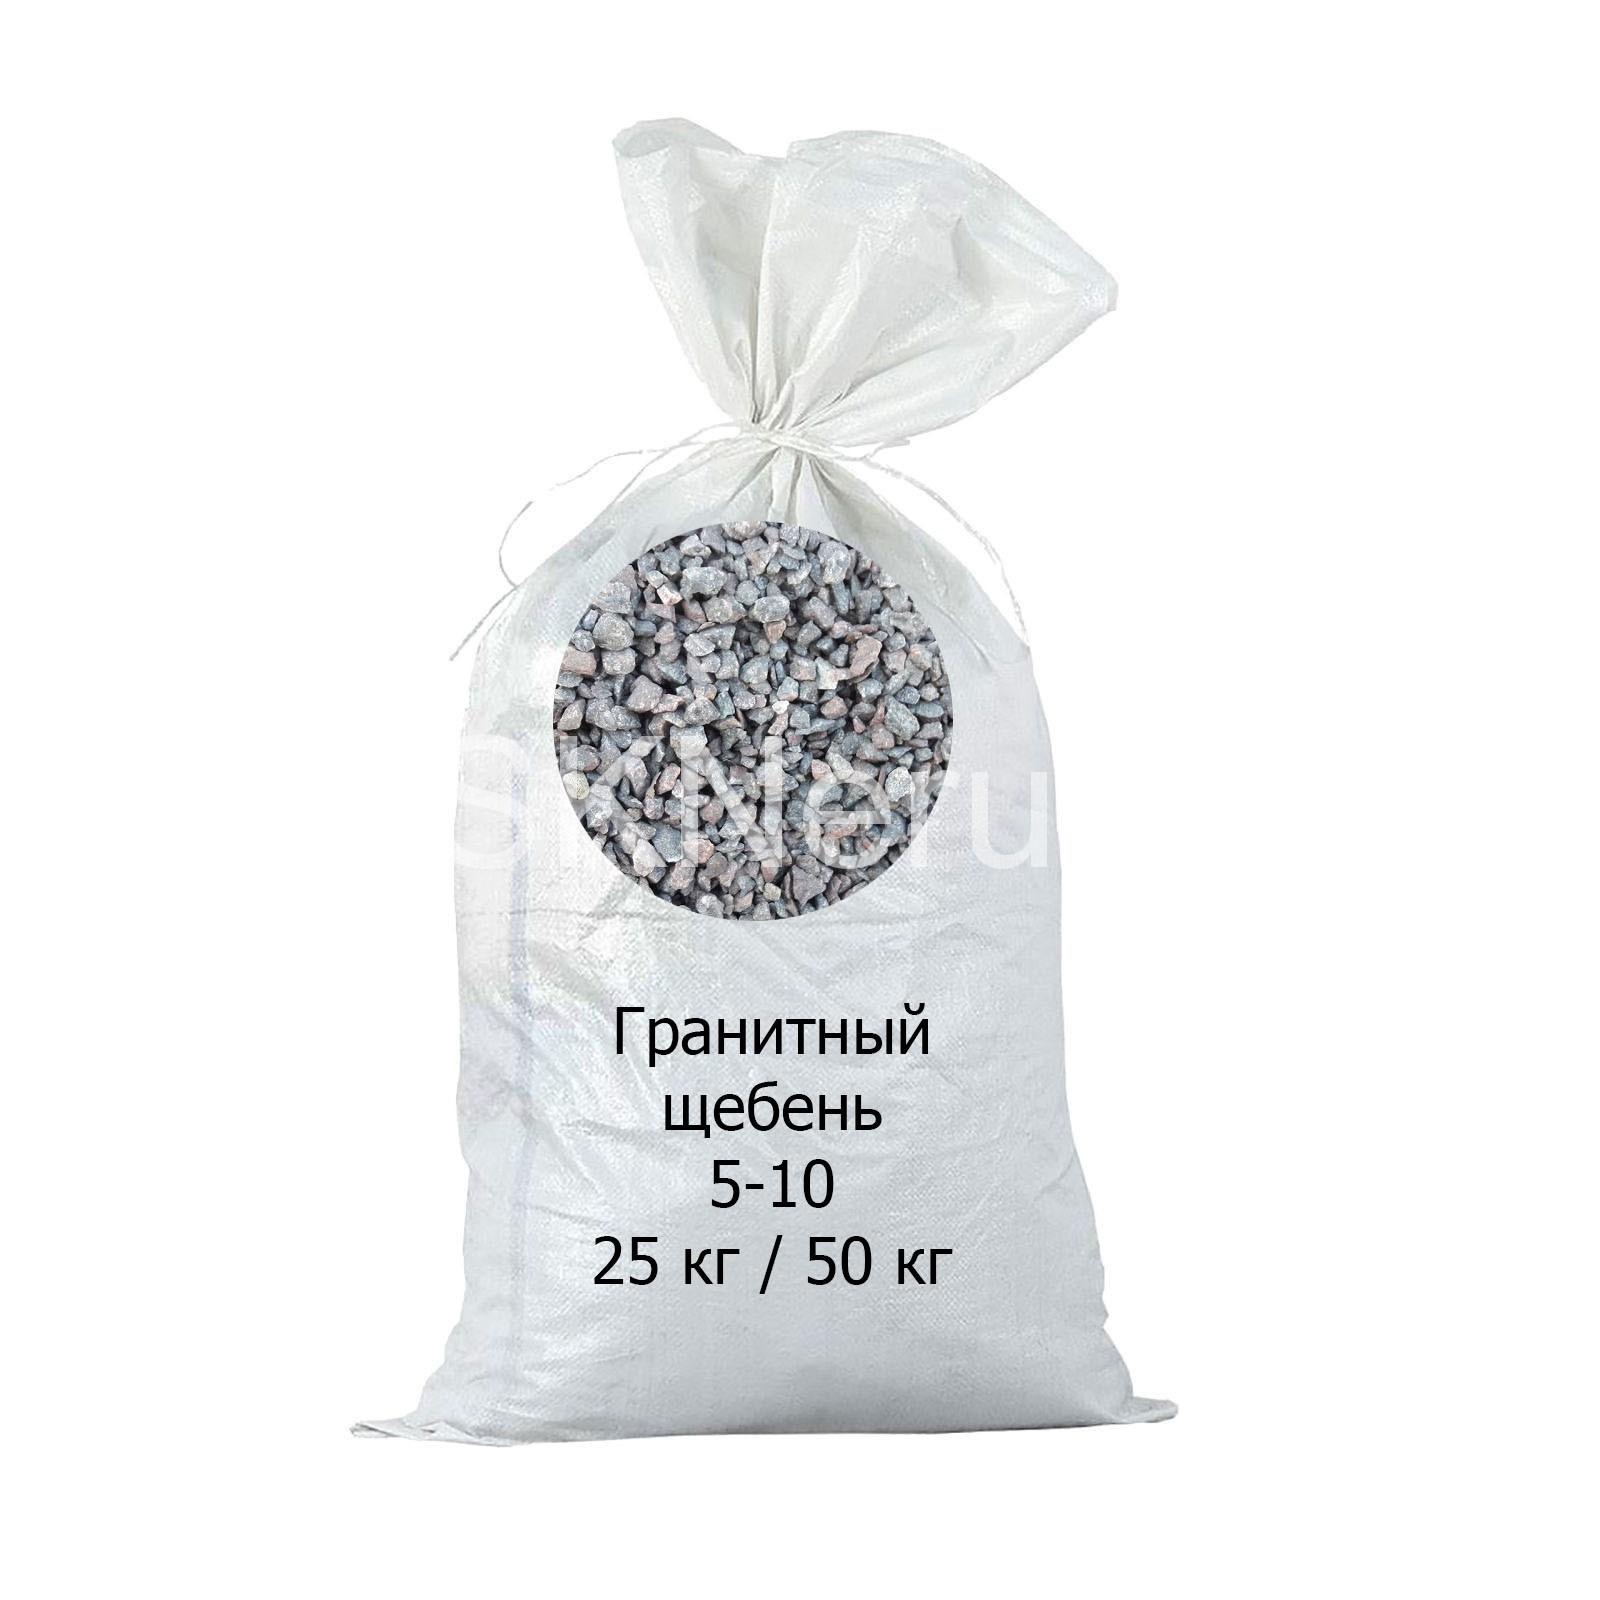 Щебень гранитный 5-10 в мешках 25 кг